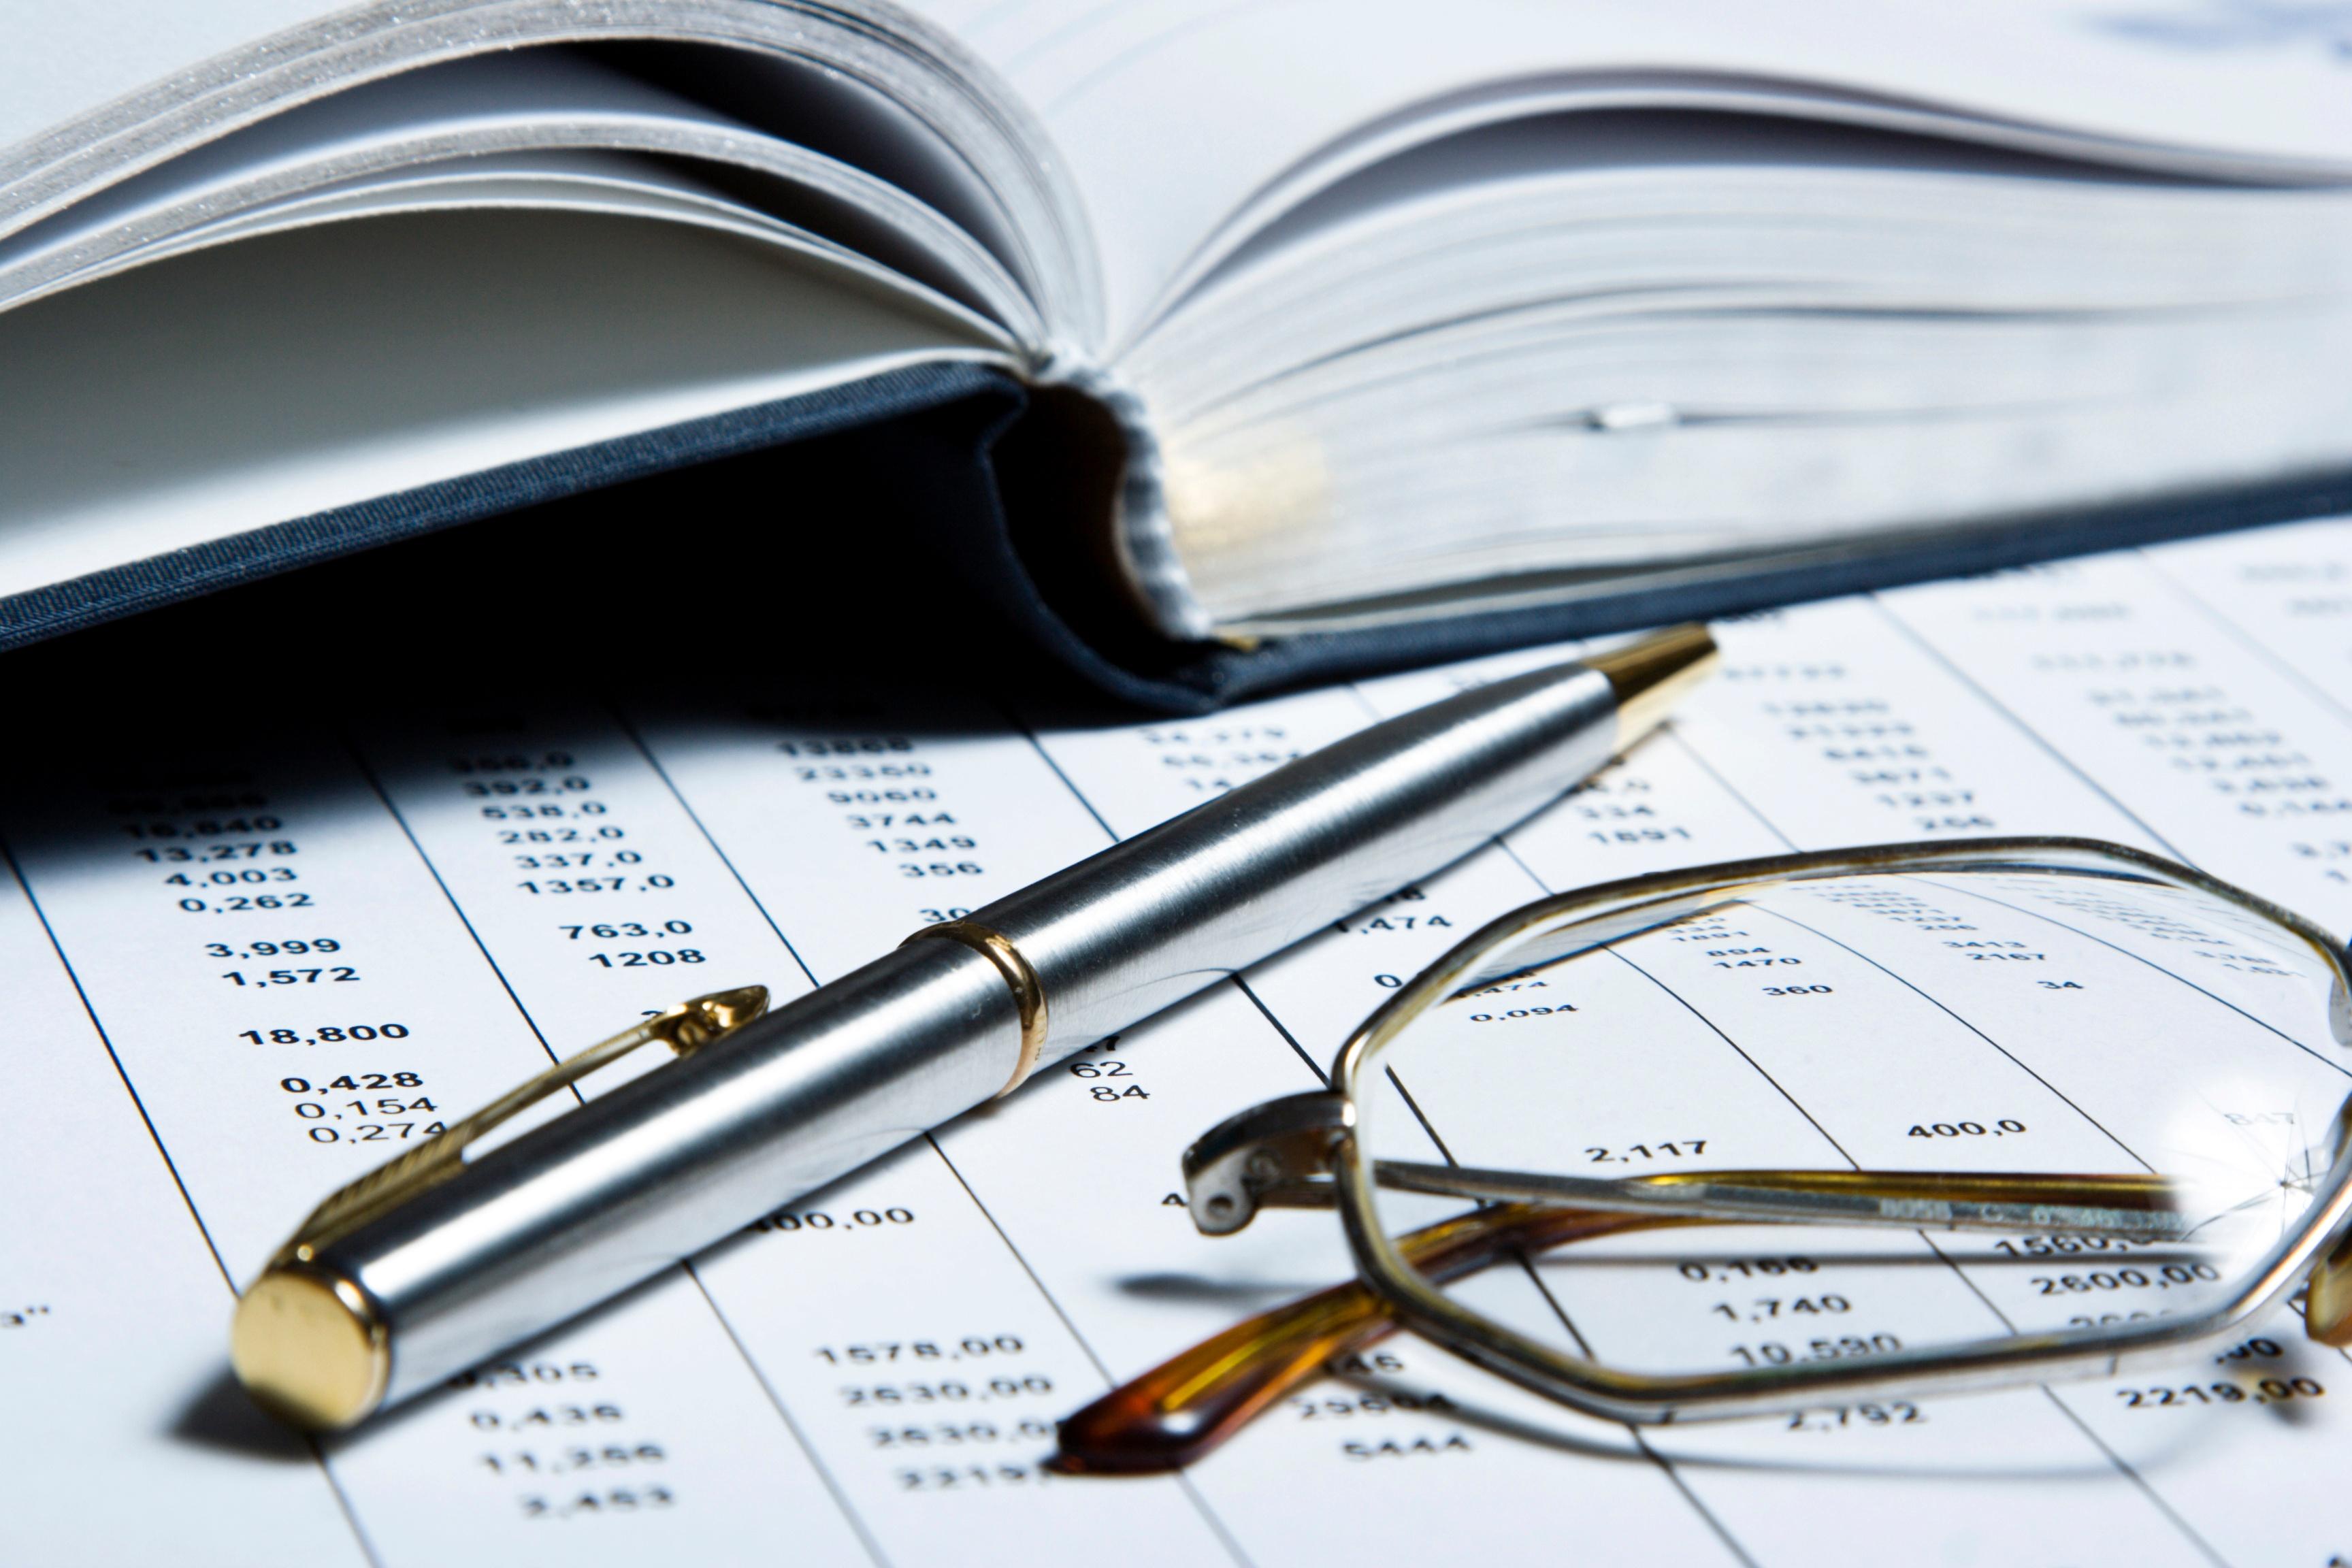 glasses_pen_book.jpg